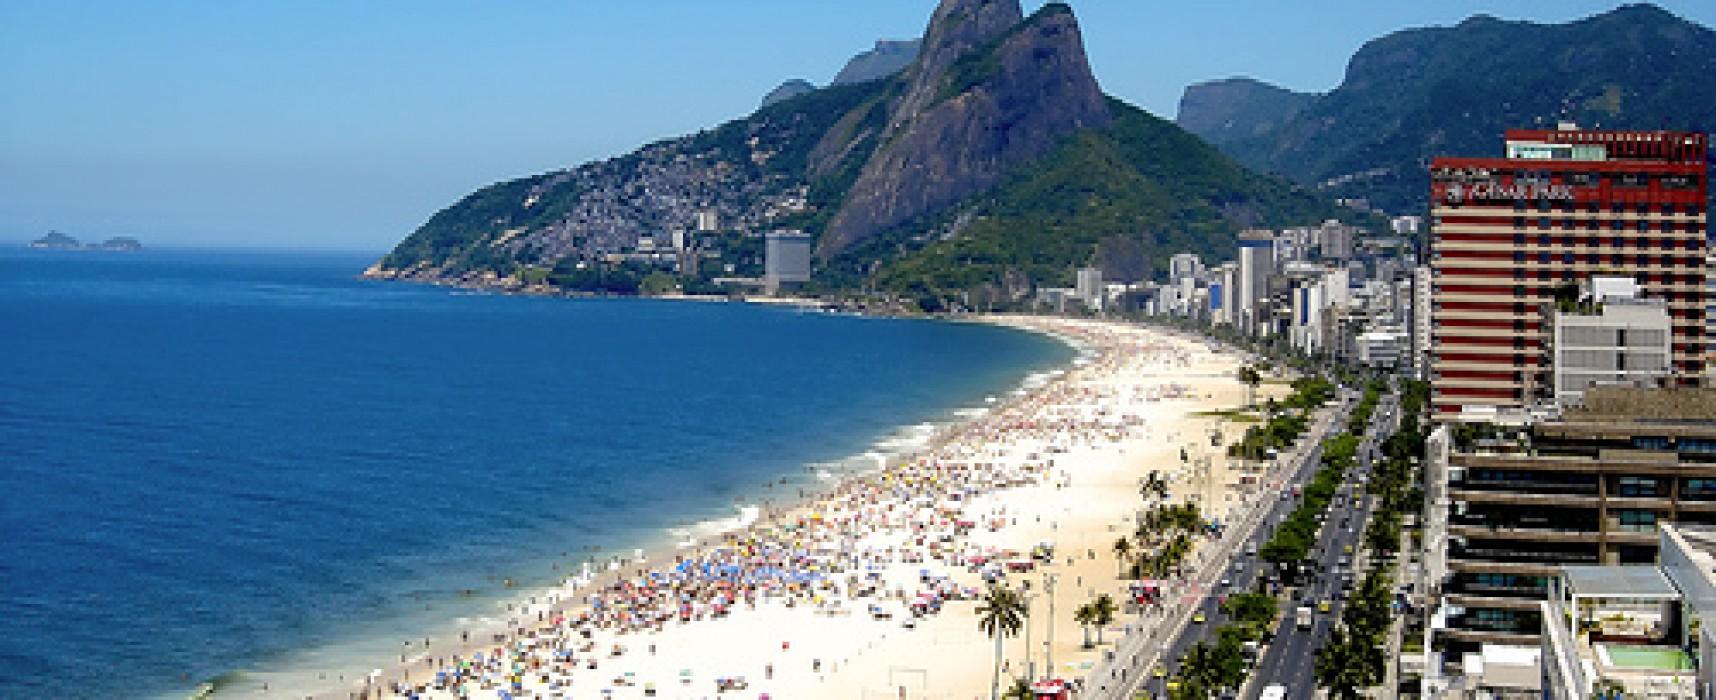 Ipanema Beach Beautiful Place In Rio de Janeiro, Brazil